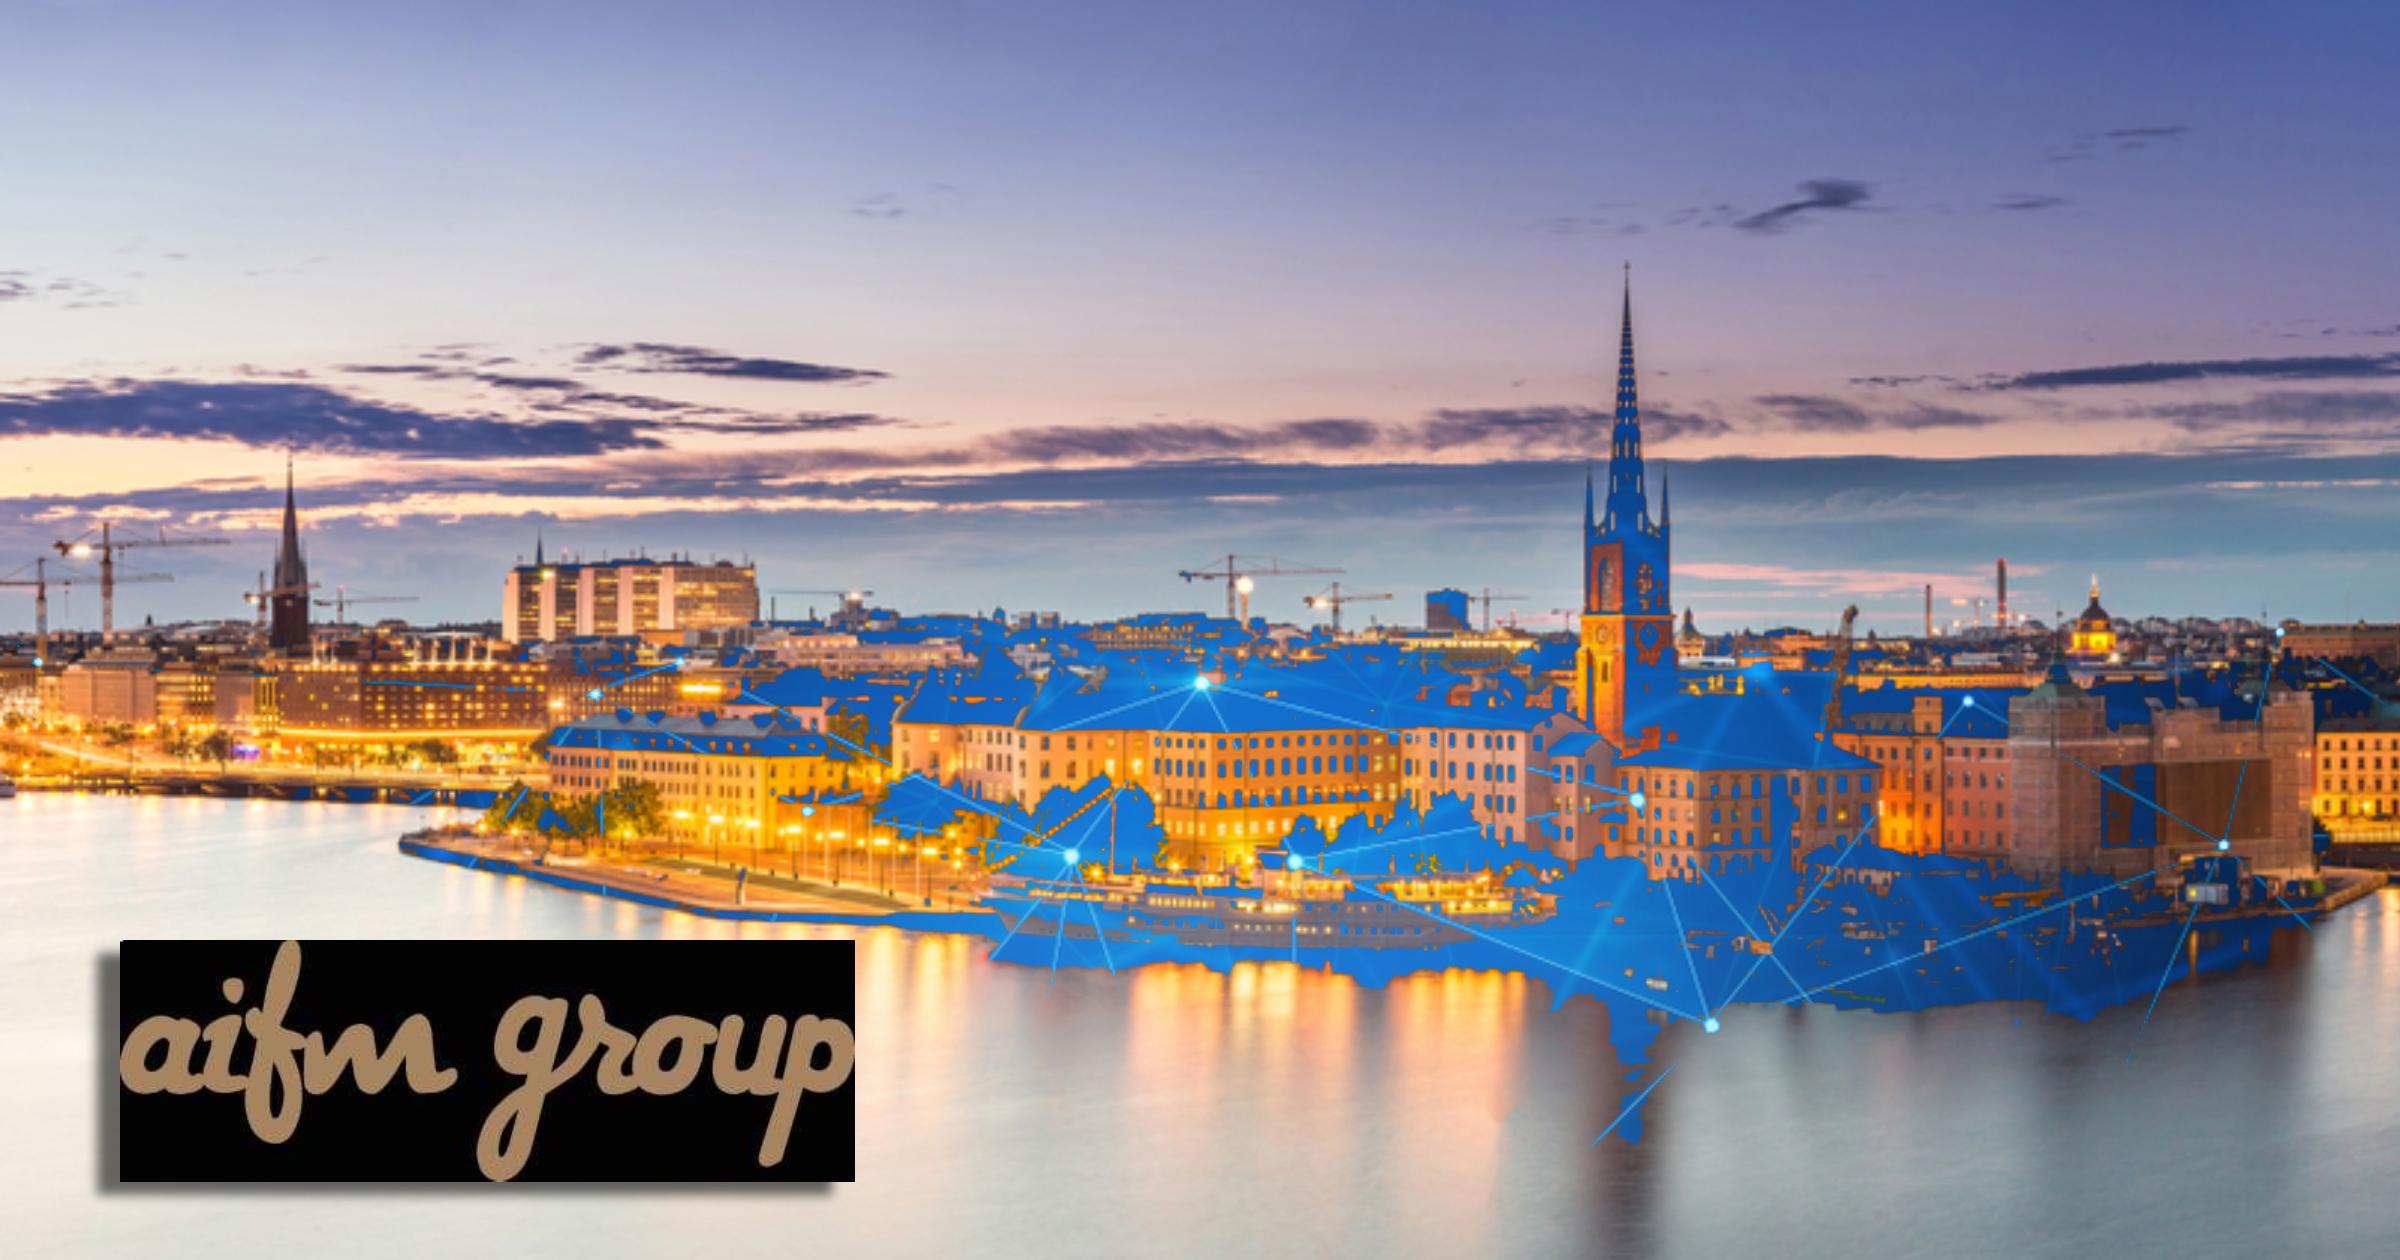 Sveriges första fond för blockkedjeteknik lanseras i maj